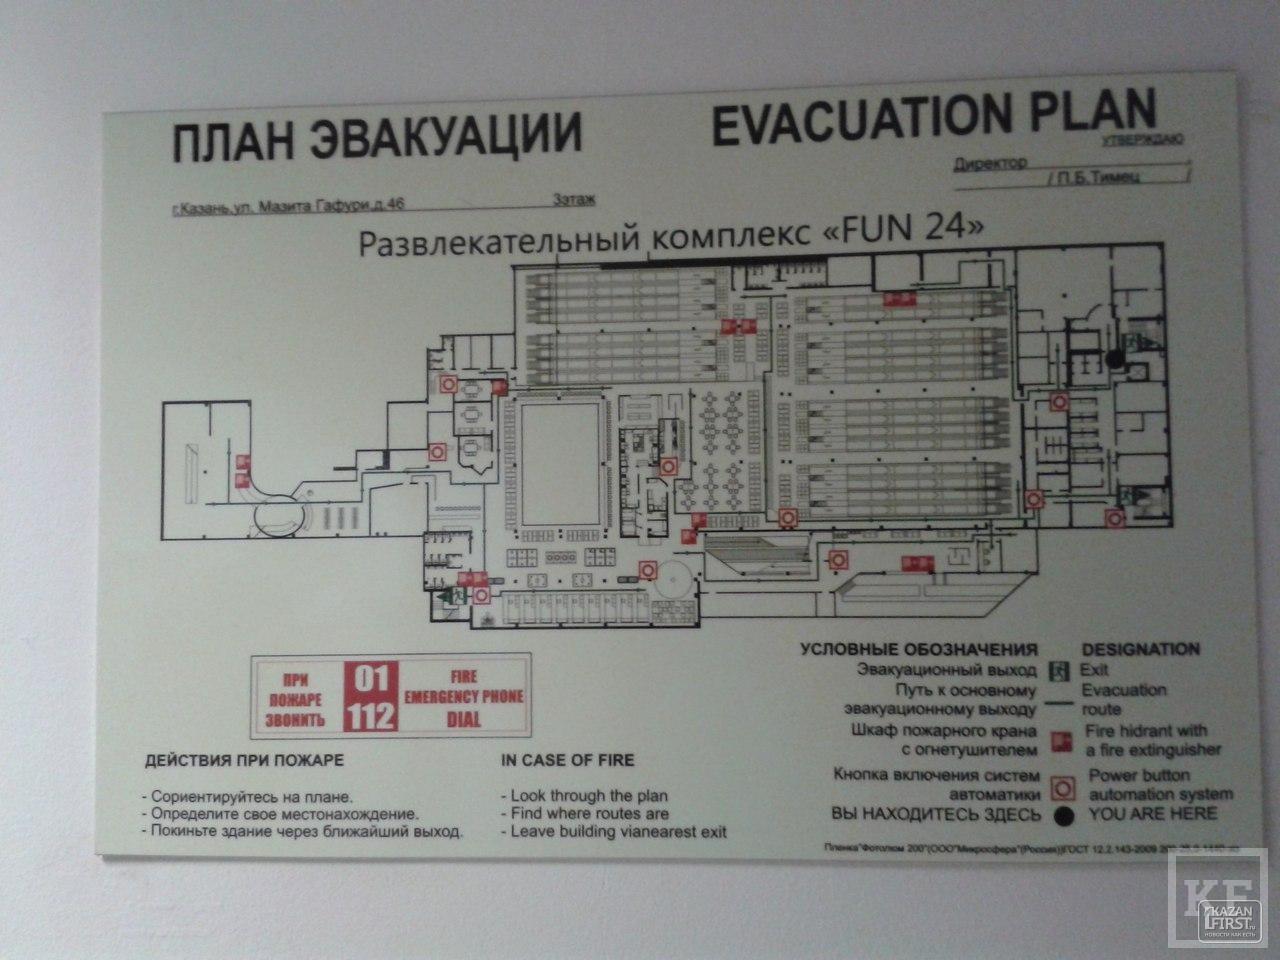 Руководство Fun24 о проверках пожнадзора: «Если здание закроют, мы понесем крупный ущерб. Нарушения нами исправлены уже на 90%»